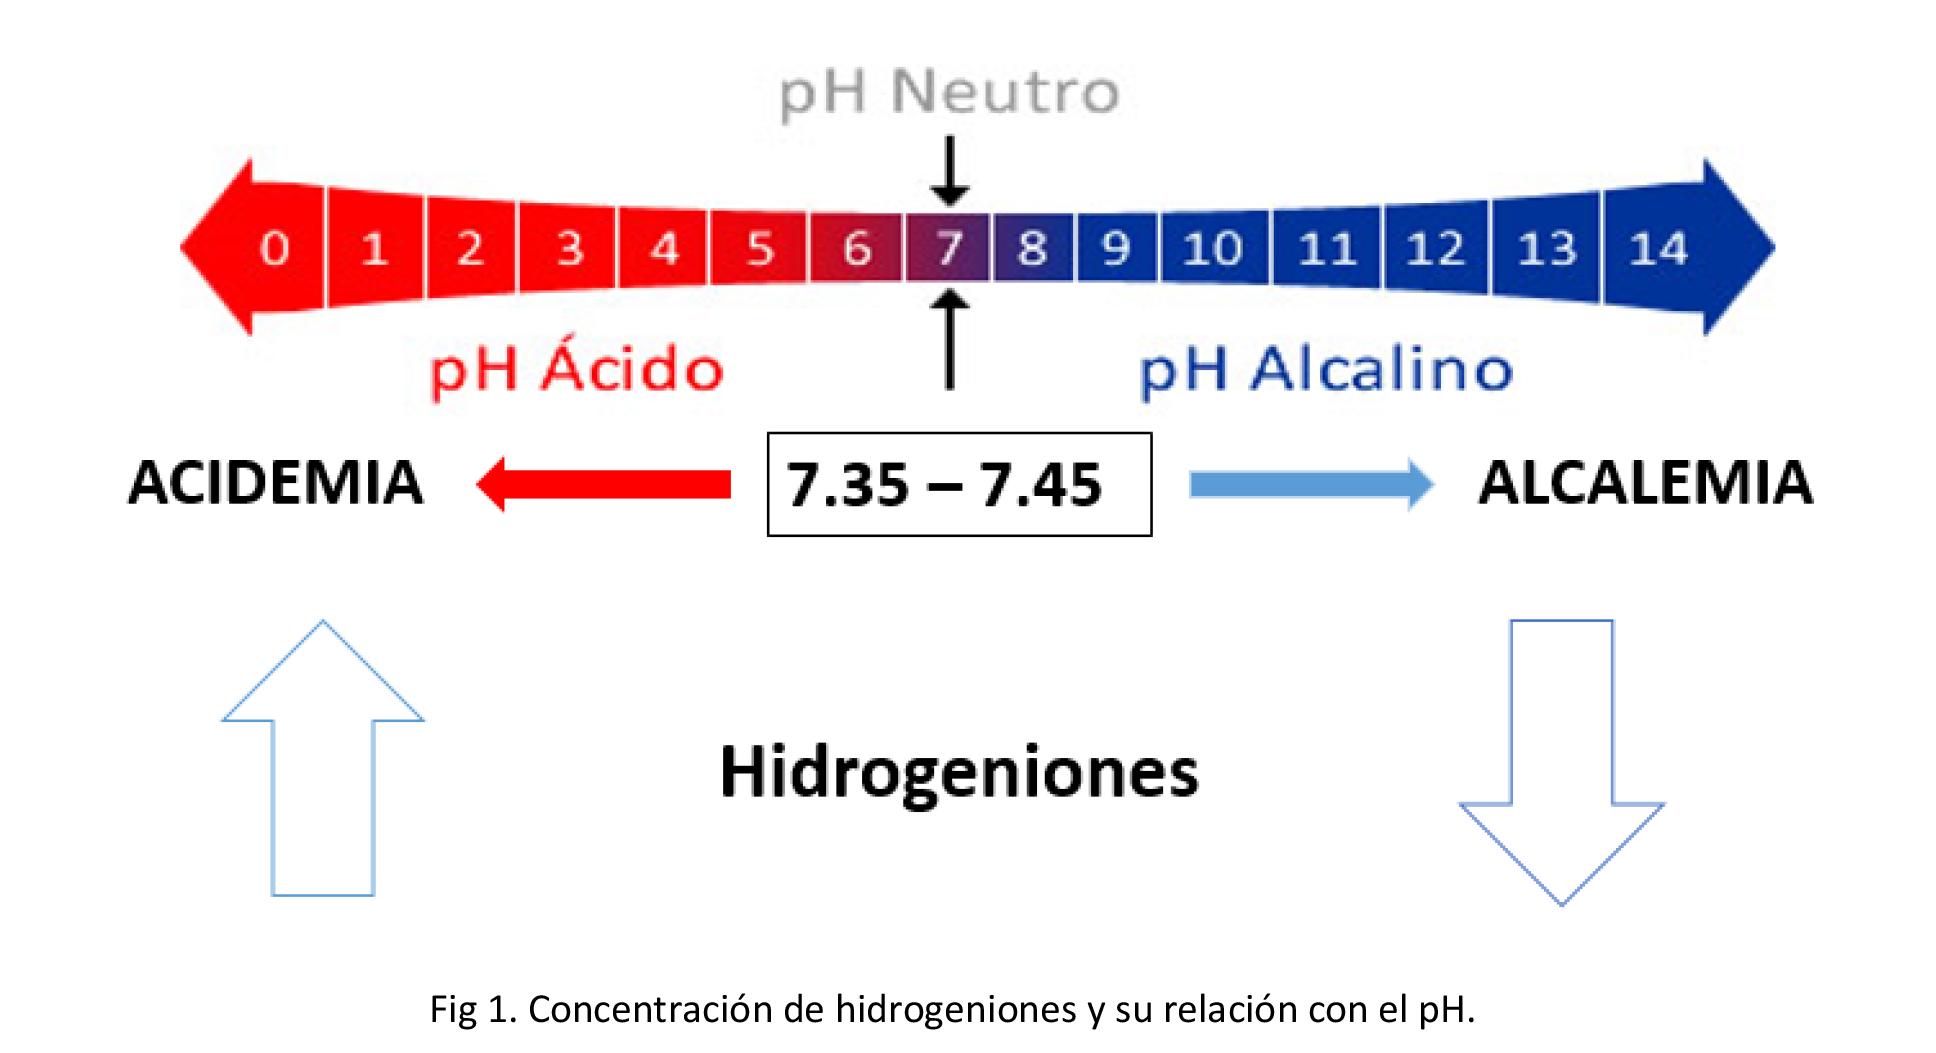 Alteraciones ácido-base en el soporte nutricional Por: Luis González ...